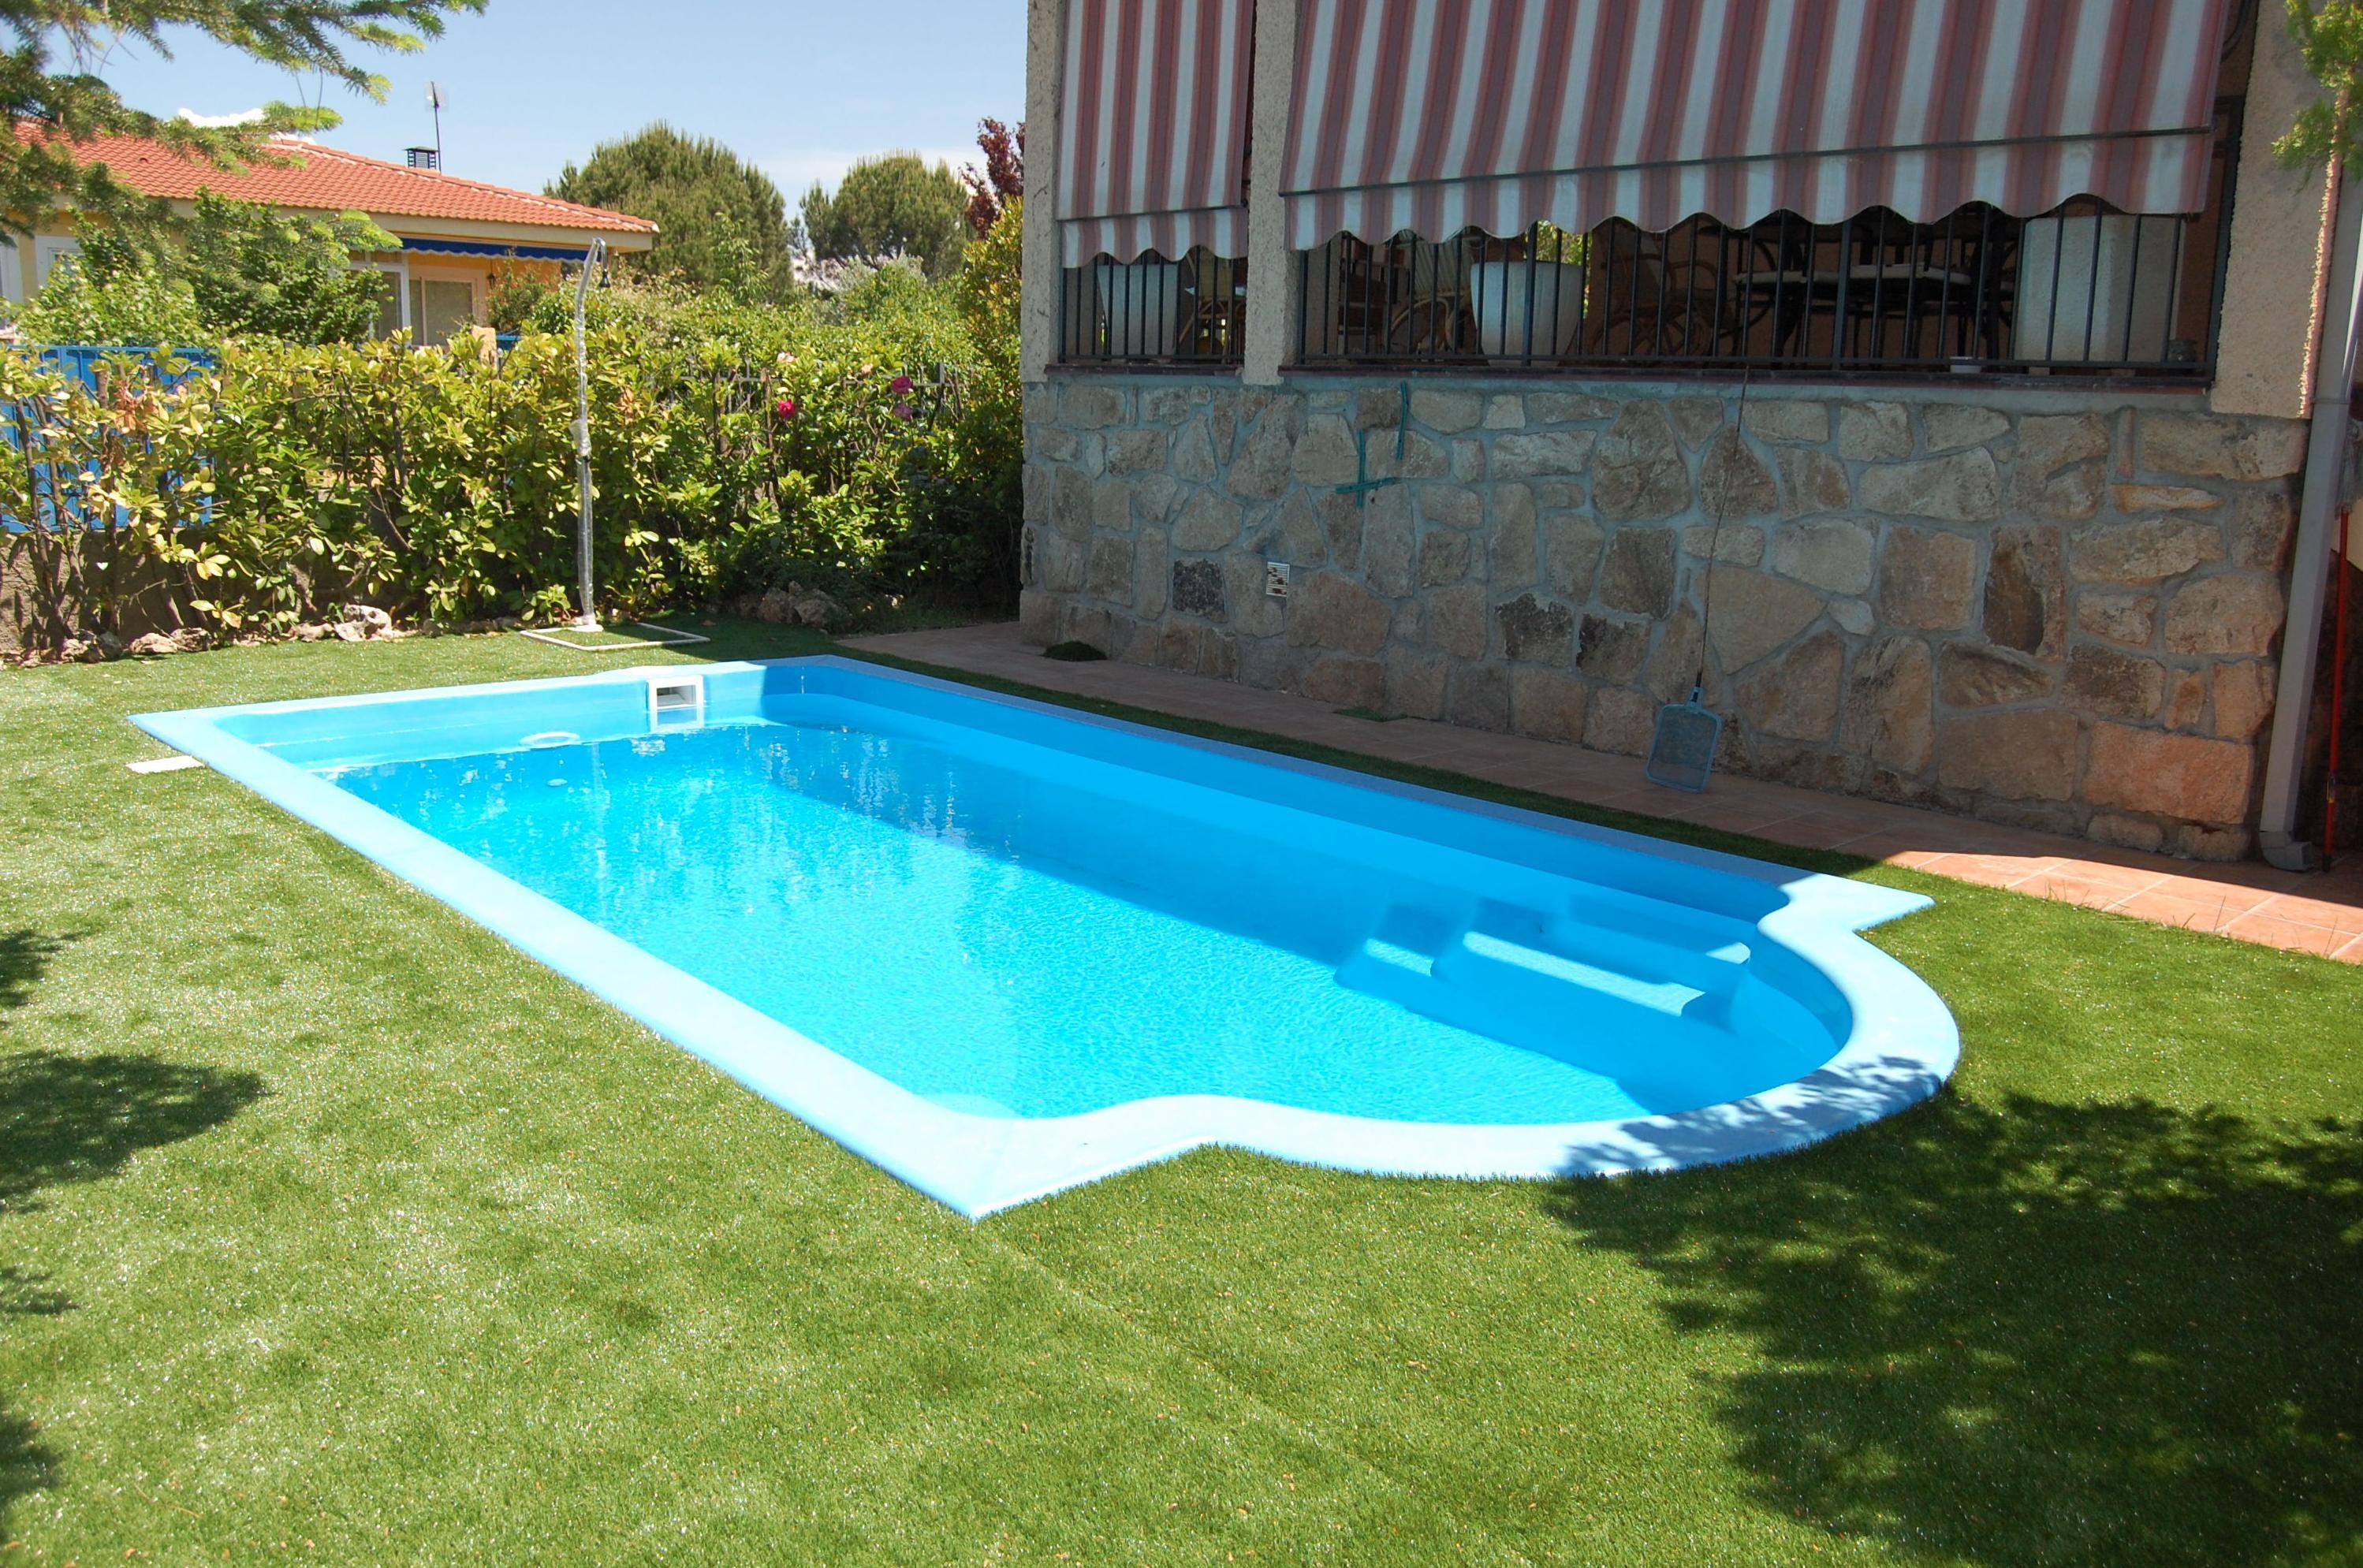 Foto 16 de piscinas instalaci n y mantenimiento en san for Ofertas piscinas poliester